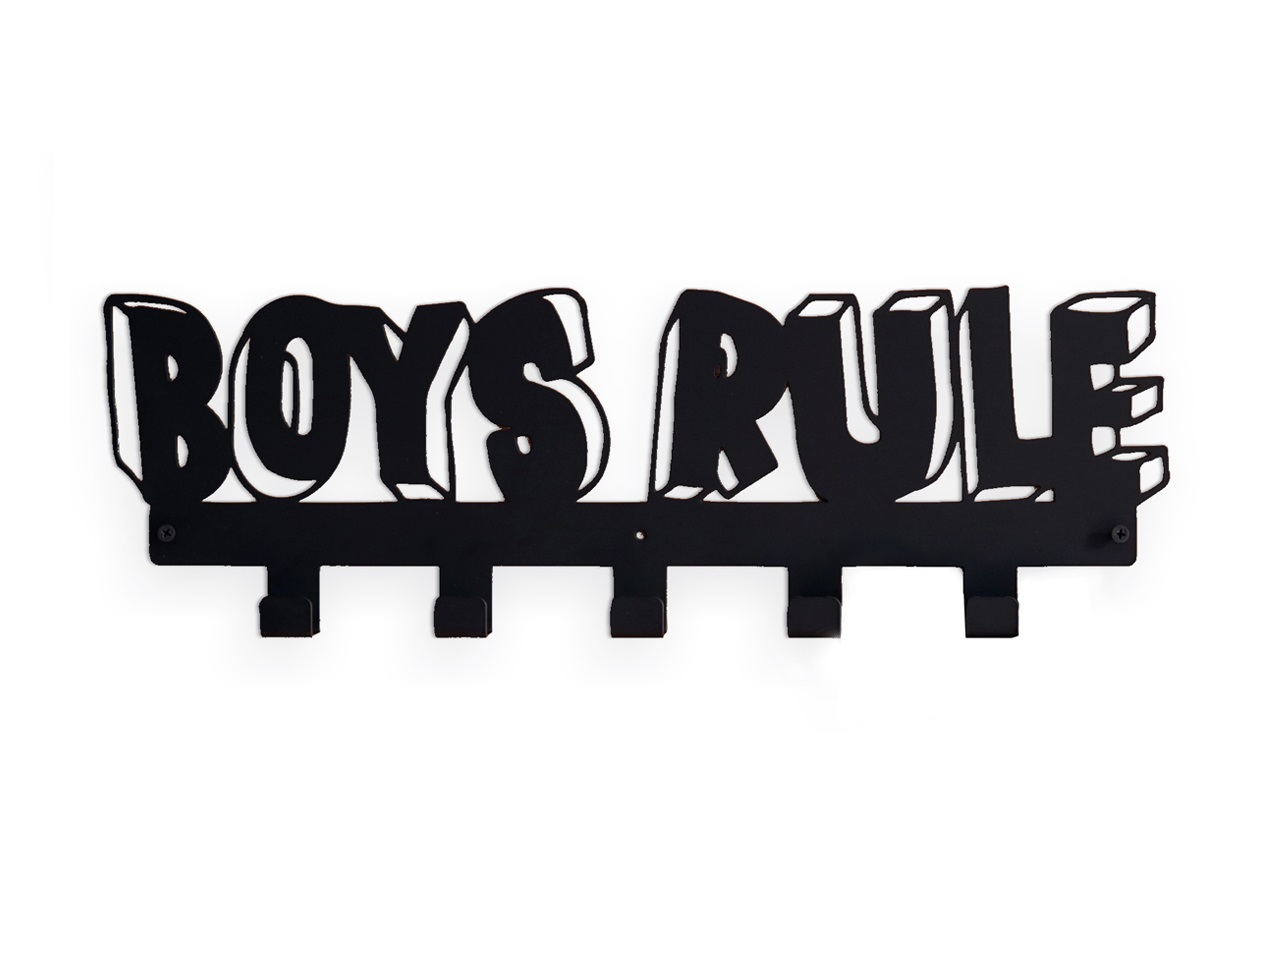 Вешалка BOYS RULEВешалки<br>Каждый любящий родитель хочет, чтобы его ребенок был аккуратным и опрятным.<br>Настенная вешалка BOYS RULE это - креативный способ украсить комнату мальчика и приучить его соблюдать порядок. Пусть это будут ЕГО ПРАВИЛА! <br>Вешалка идеально подходит для верхней одежды, рюкзаков и аксессуаров.<br>Вешалка&amp;amp;nbsp;BOYS RULE изготовлена из прочной стали и легко крепится к стене с помощью обычных дюбелей.<br><br>Material: Сталь<br>Ширина см: 50<br>Высота см: 15<br>Глубина см: 3